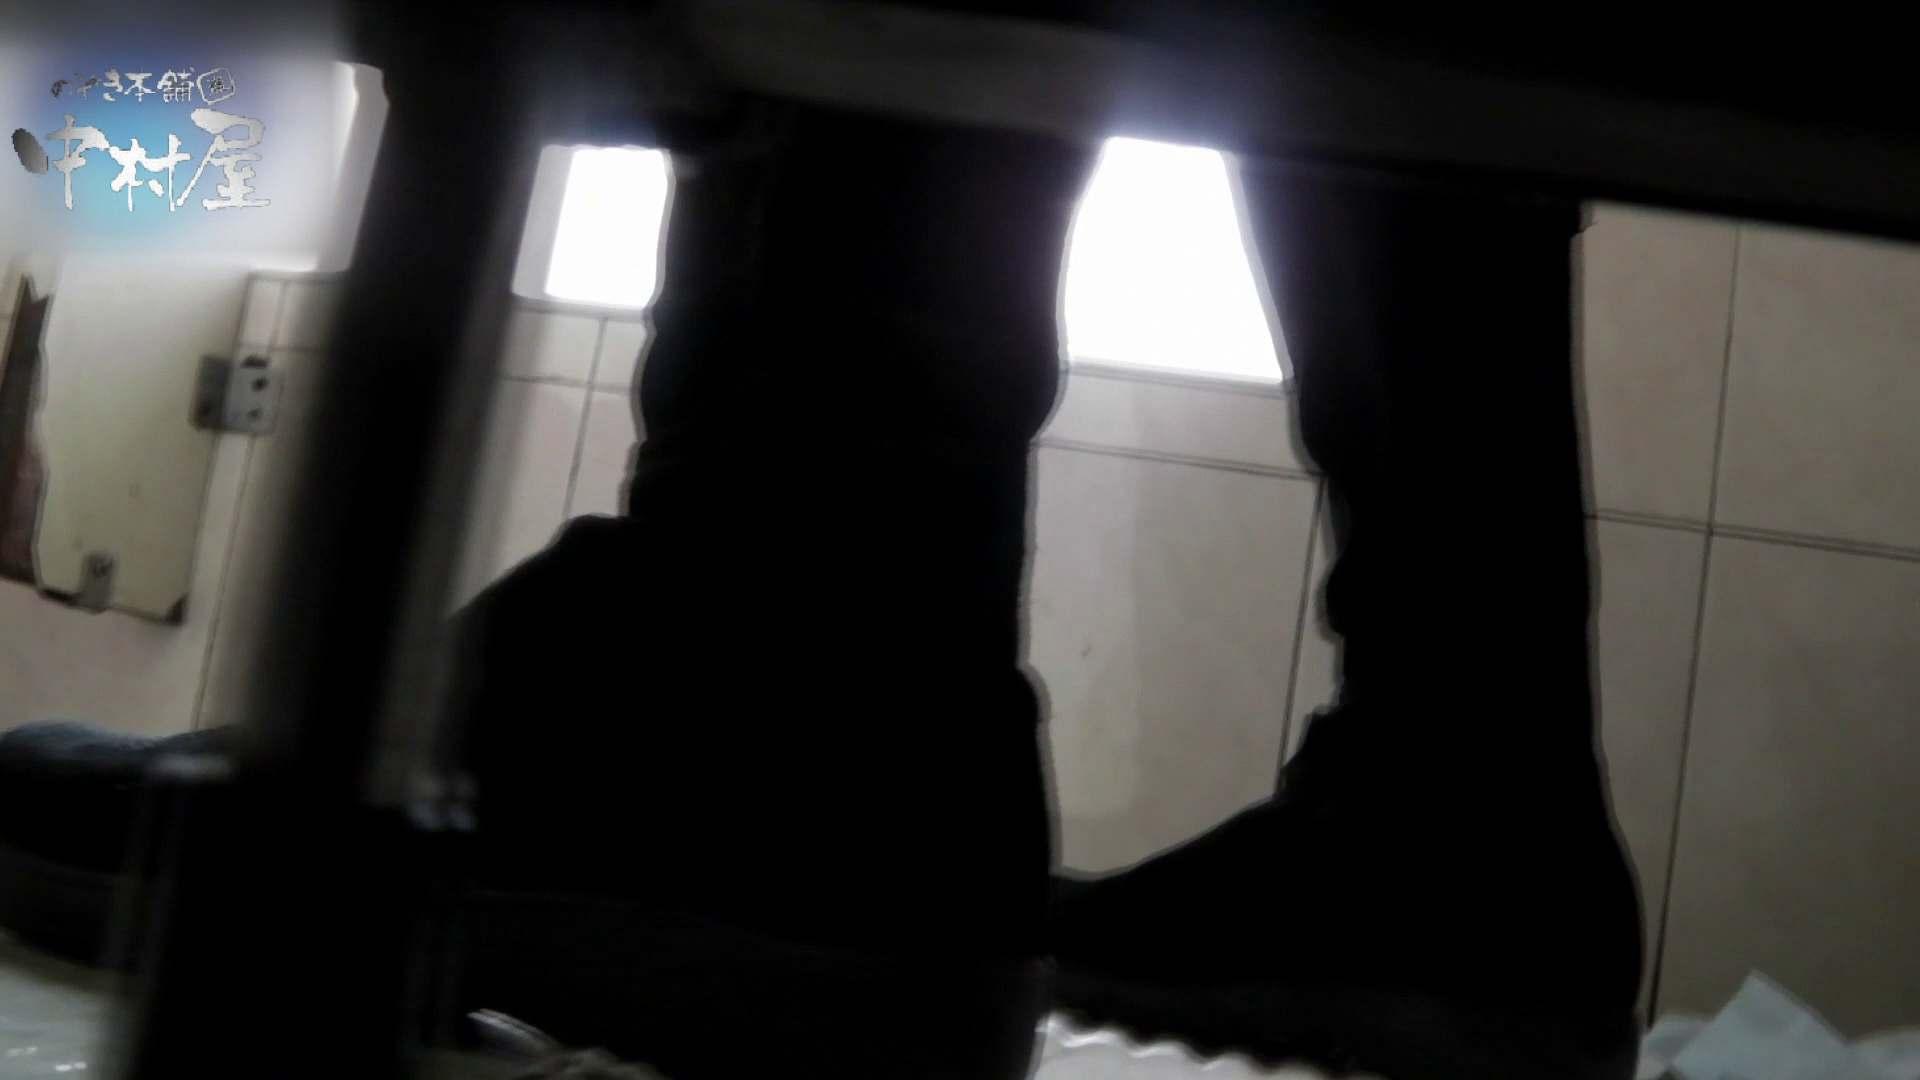 乙女集まる!ショッピングモール潜入撮vol.06 潜入突撃 覗きおまんこ画像 86pic 45